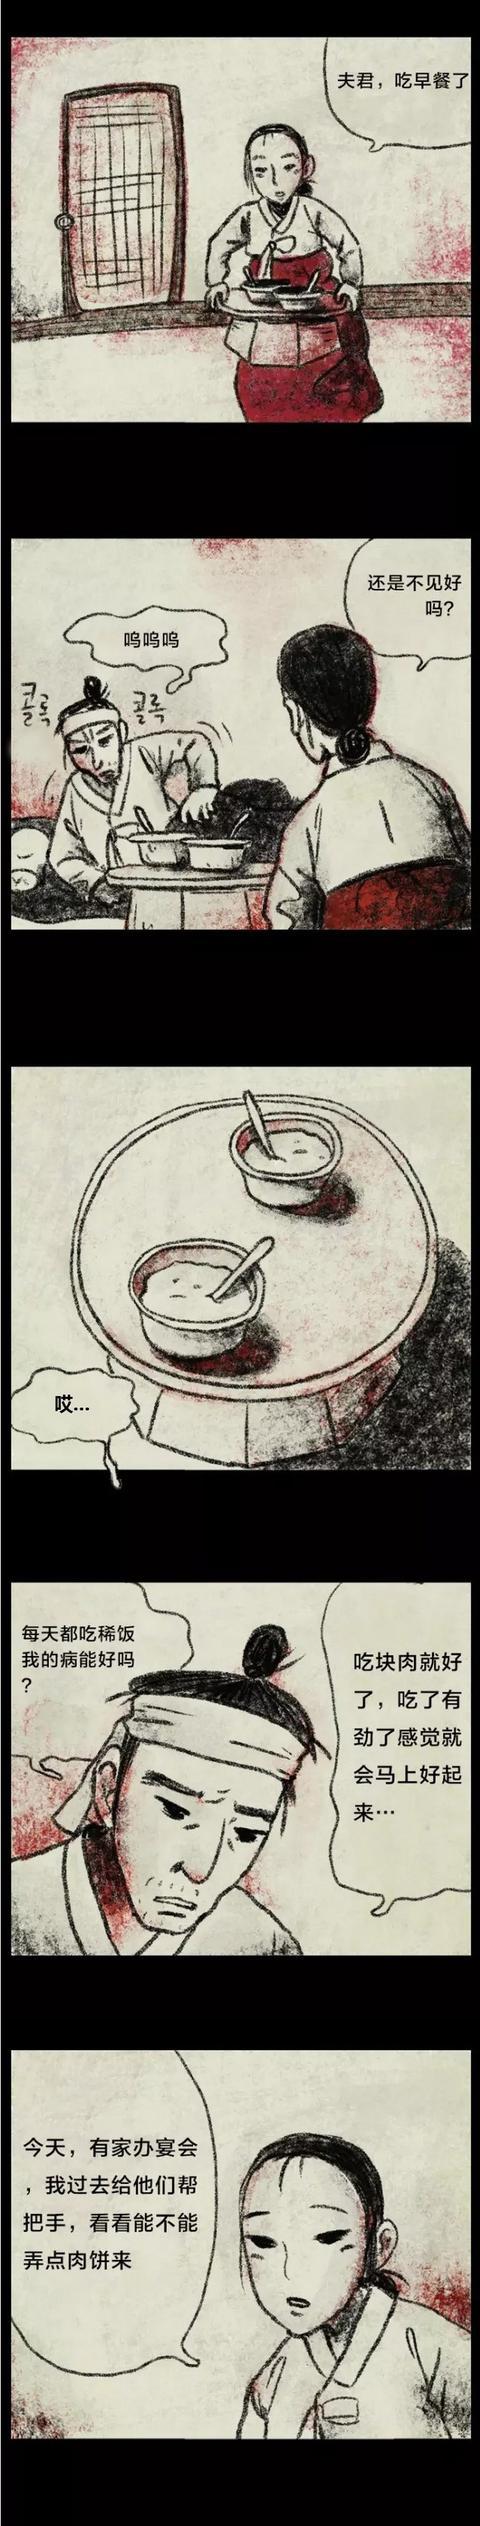 漫画肉,深夜漫画丨你只能用肉体来补偿我了